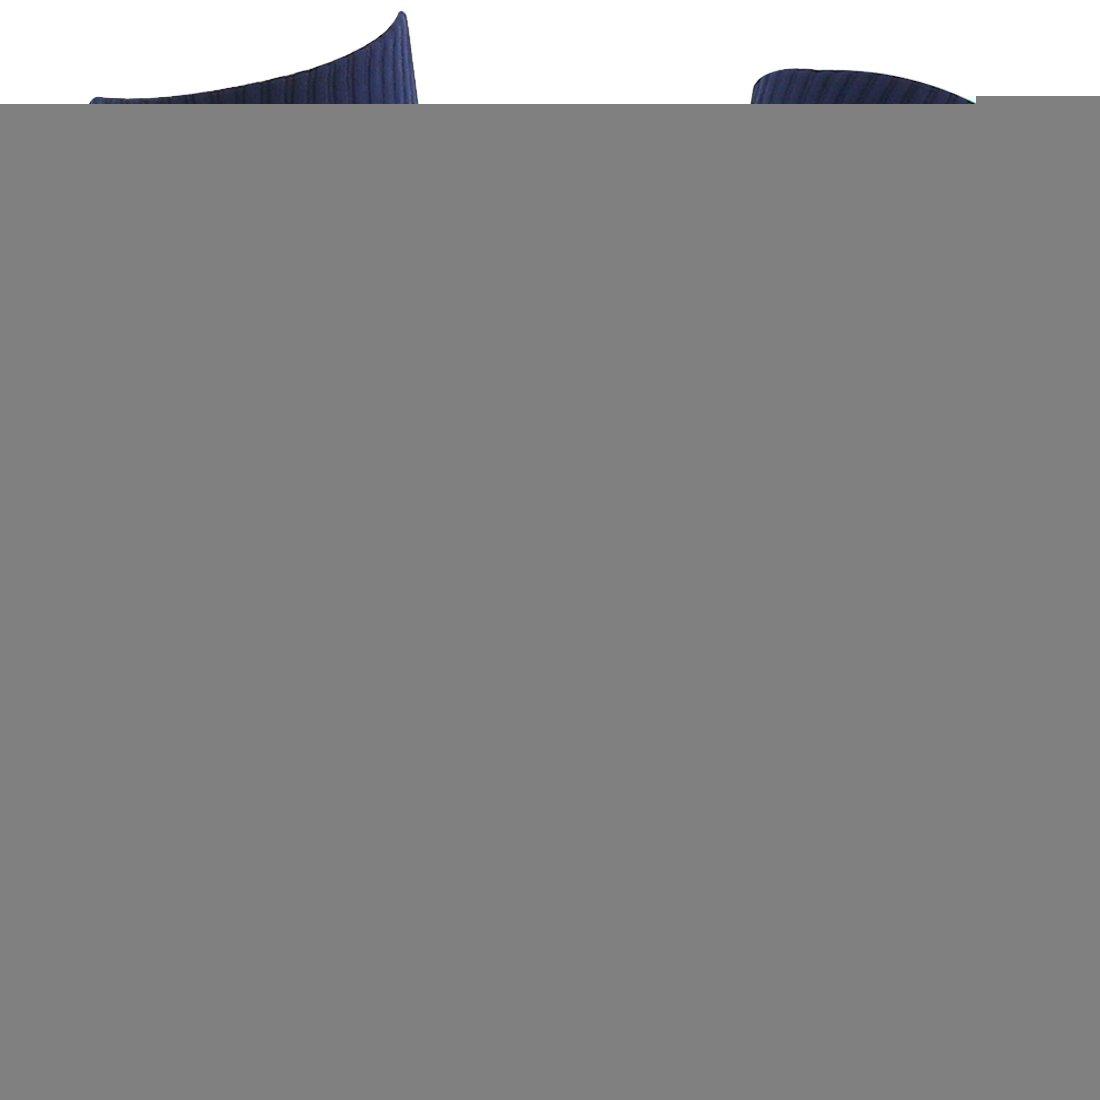 通気性防水ソックス、[ SGS認定]ランディSunユニセックス通気スキートレッキングハイキングソックス B01ESDJSX4 Large 1 1 Pair-Navy Pair-Navy Blue&Light Blue 1 Large Large 1 Pair-Navy Blue&Light Blue, トヨタムラ:9a1765af --- ero-shop-kupidon.ru